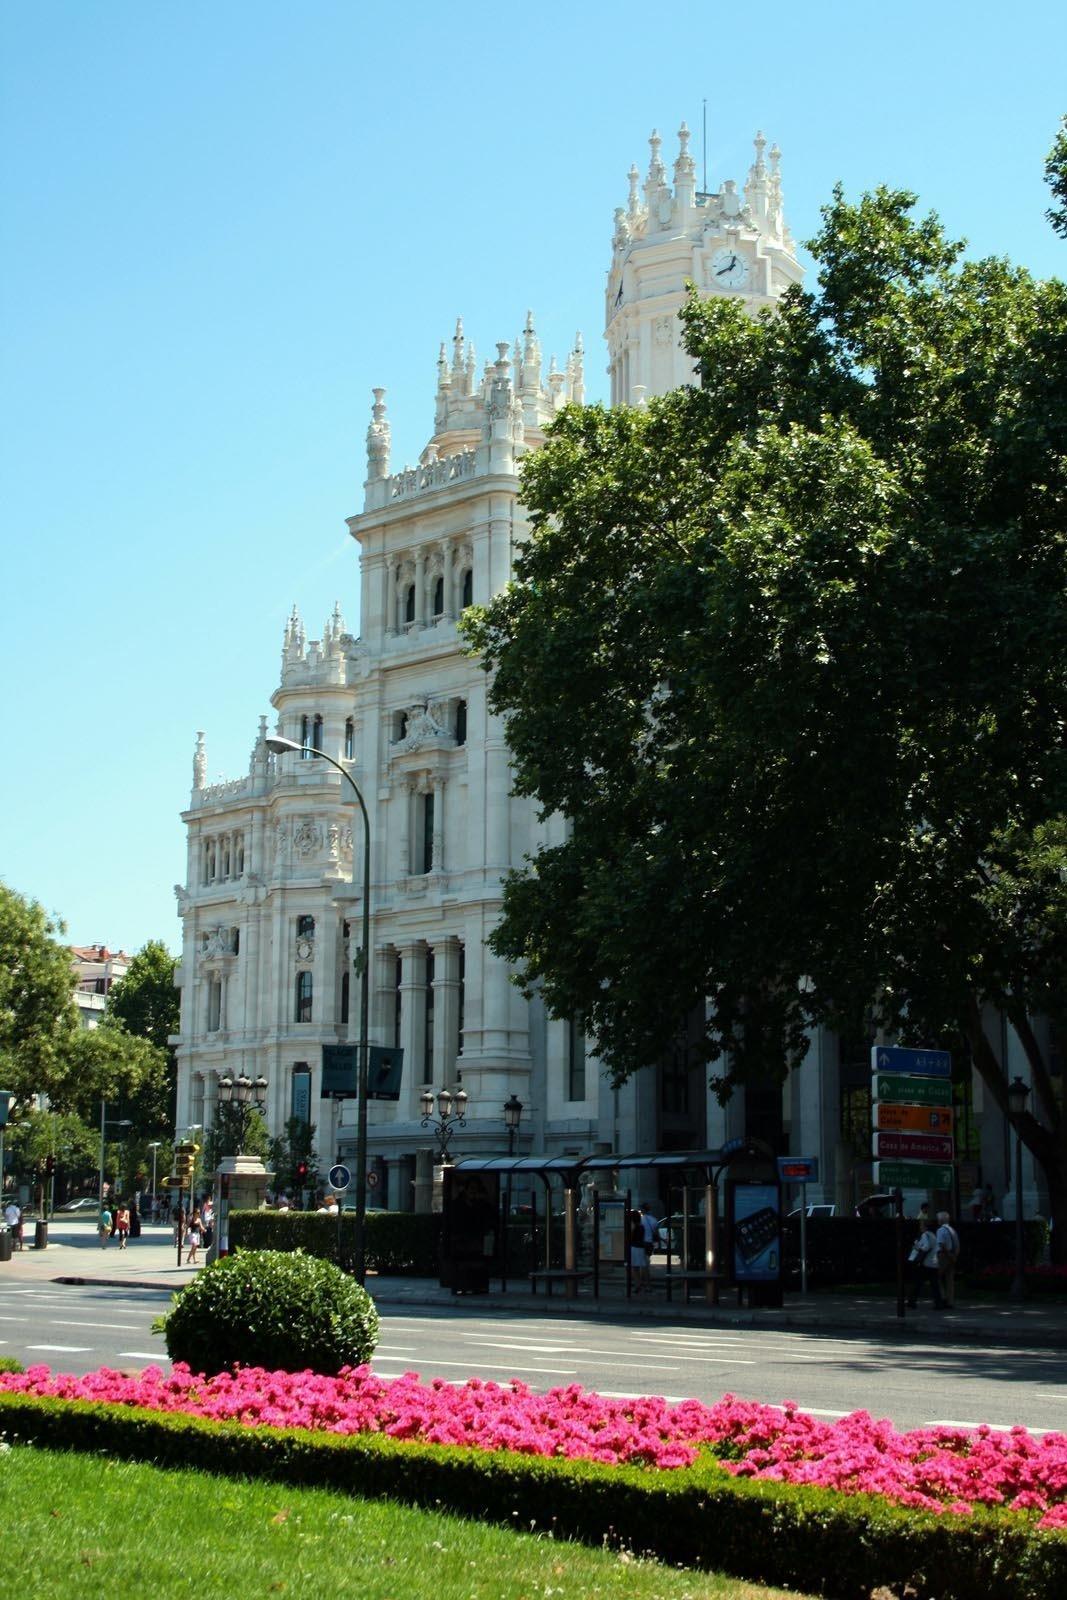 Photo taken at the beginning of Paseo del Prado